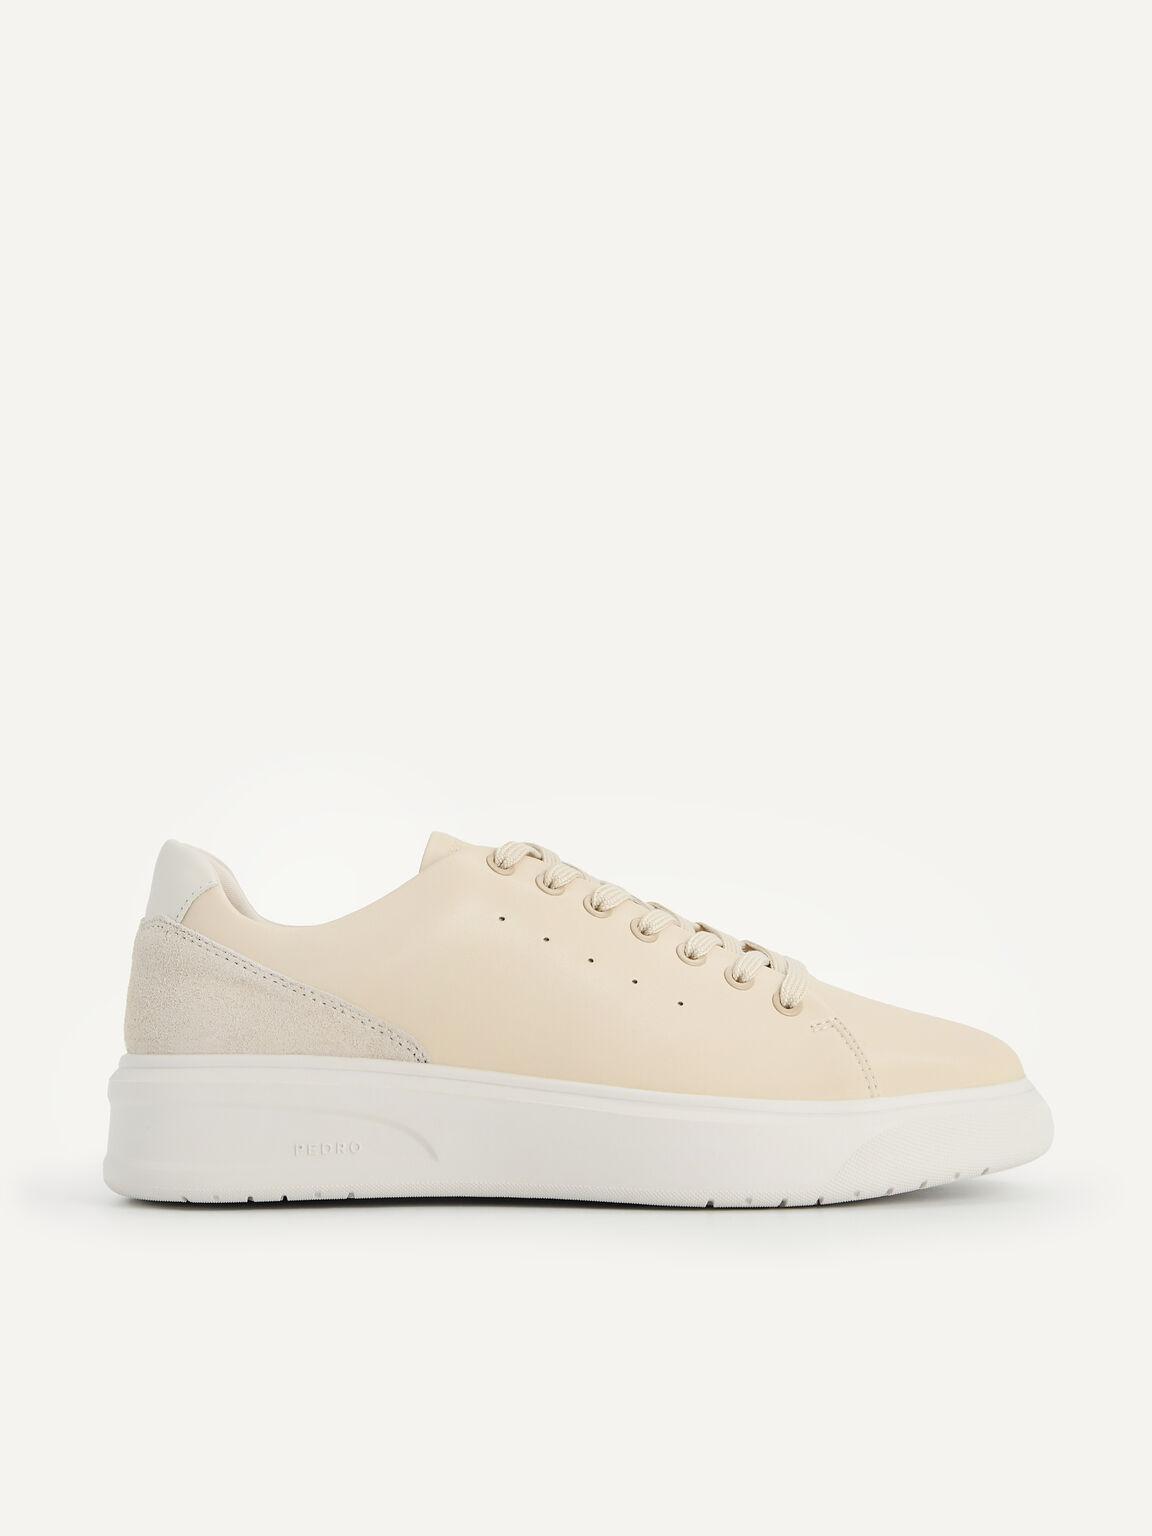 Dayflux Court Sneakers, Beige, hi-res